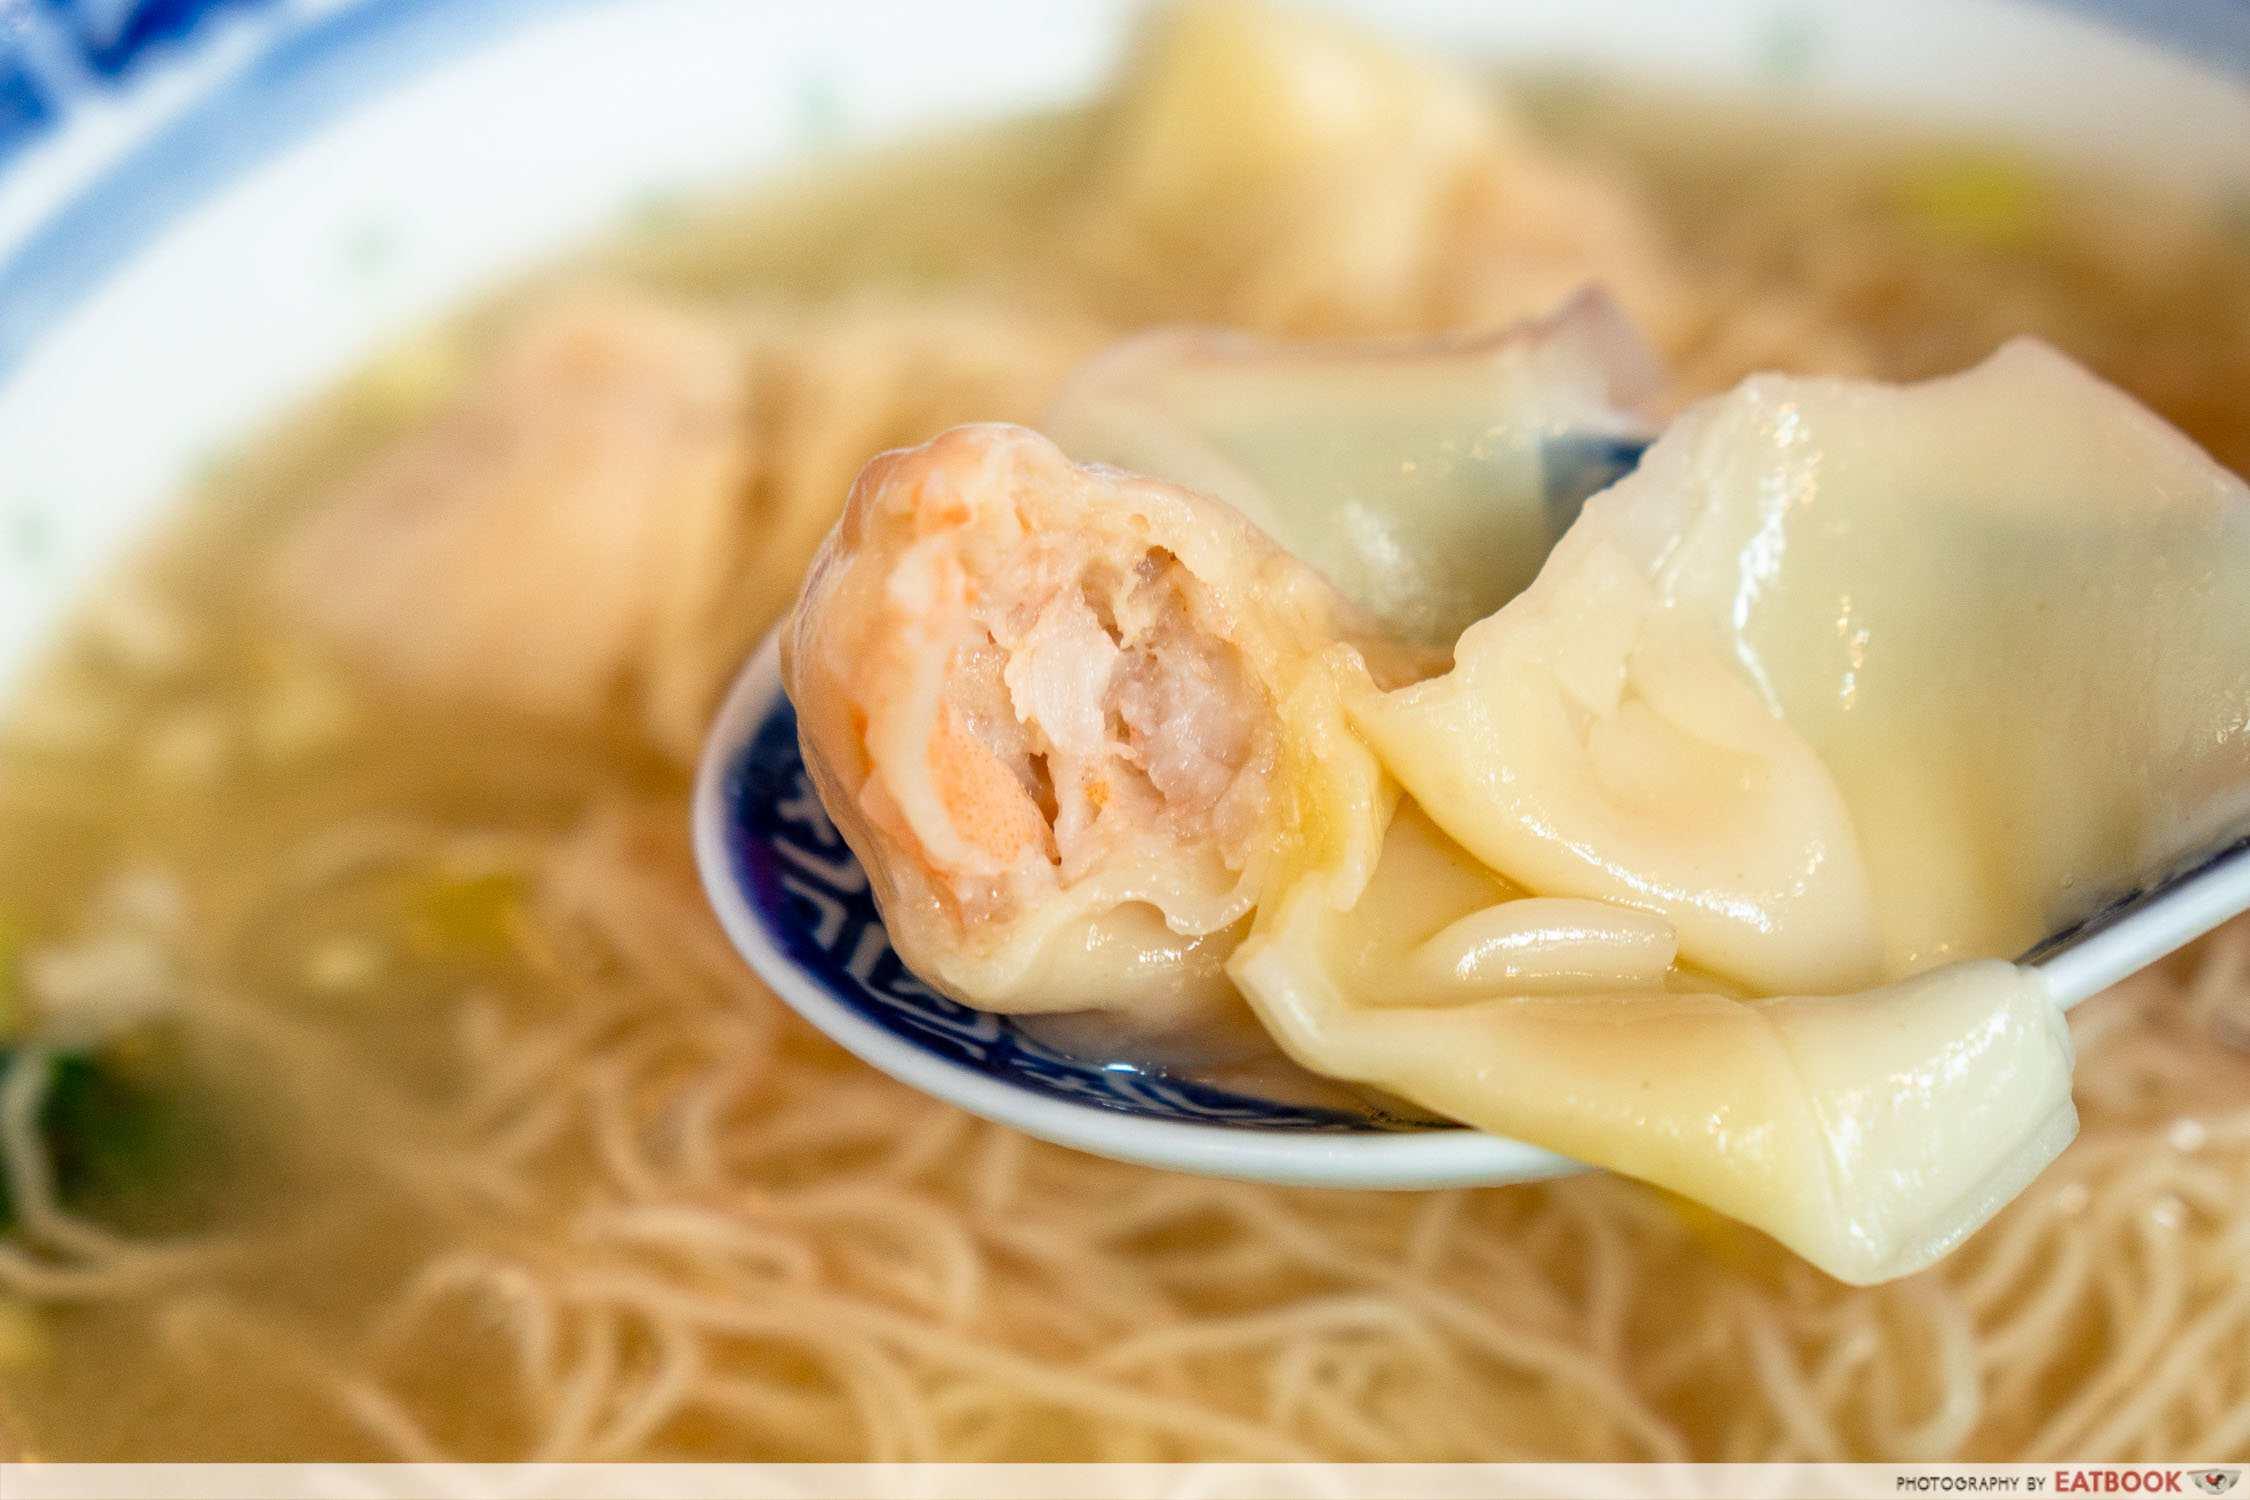 chef kin hk wanton noodle hk wanton noodle detail shot of wonton